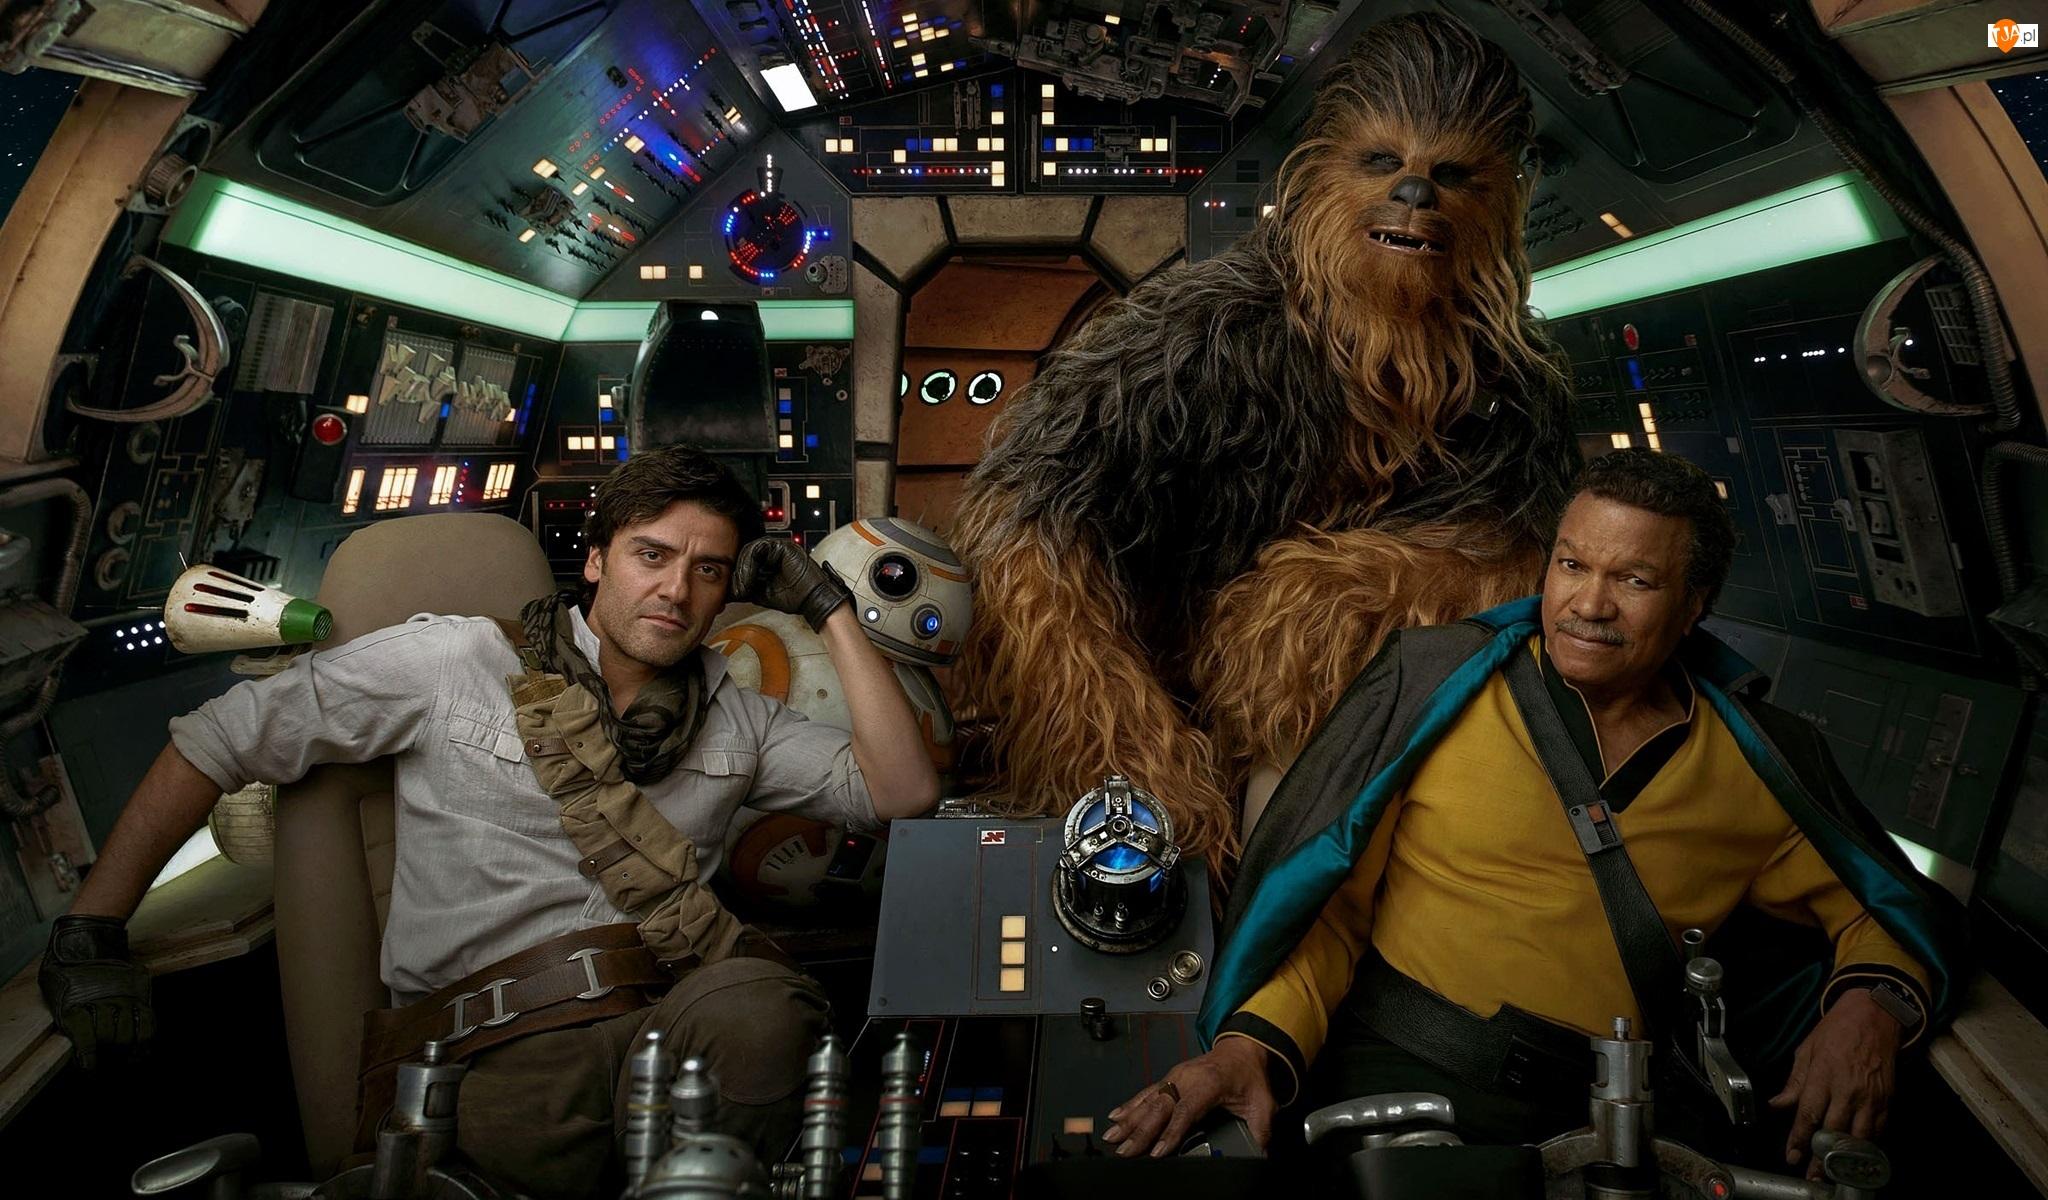 Gwiezdne wojny Skywalker Odrodzenie, Film, Aktor, Billy Dee Williams, Star Wars The Rise of Skywalker, Oscar Isaac